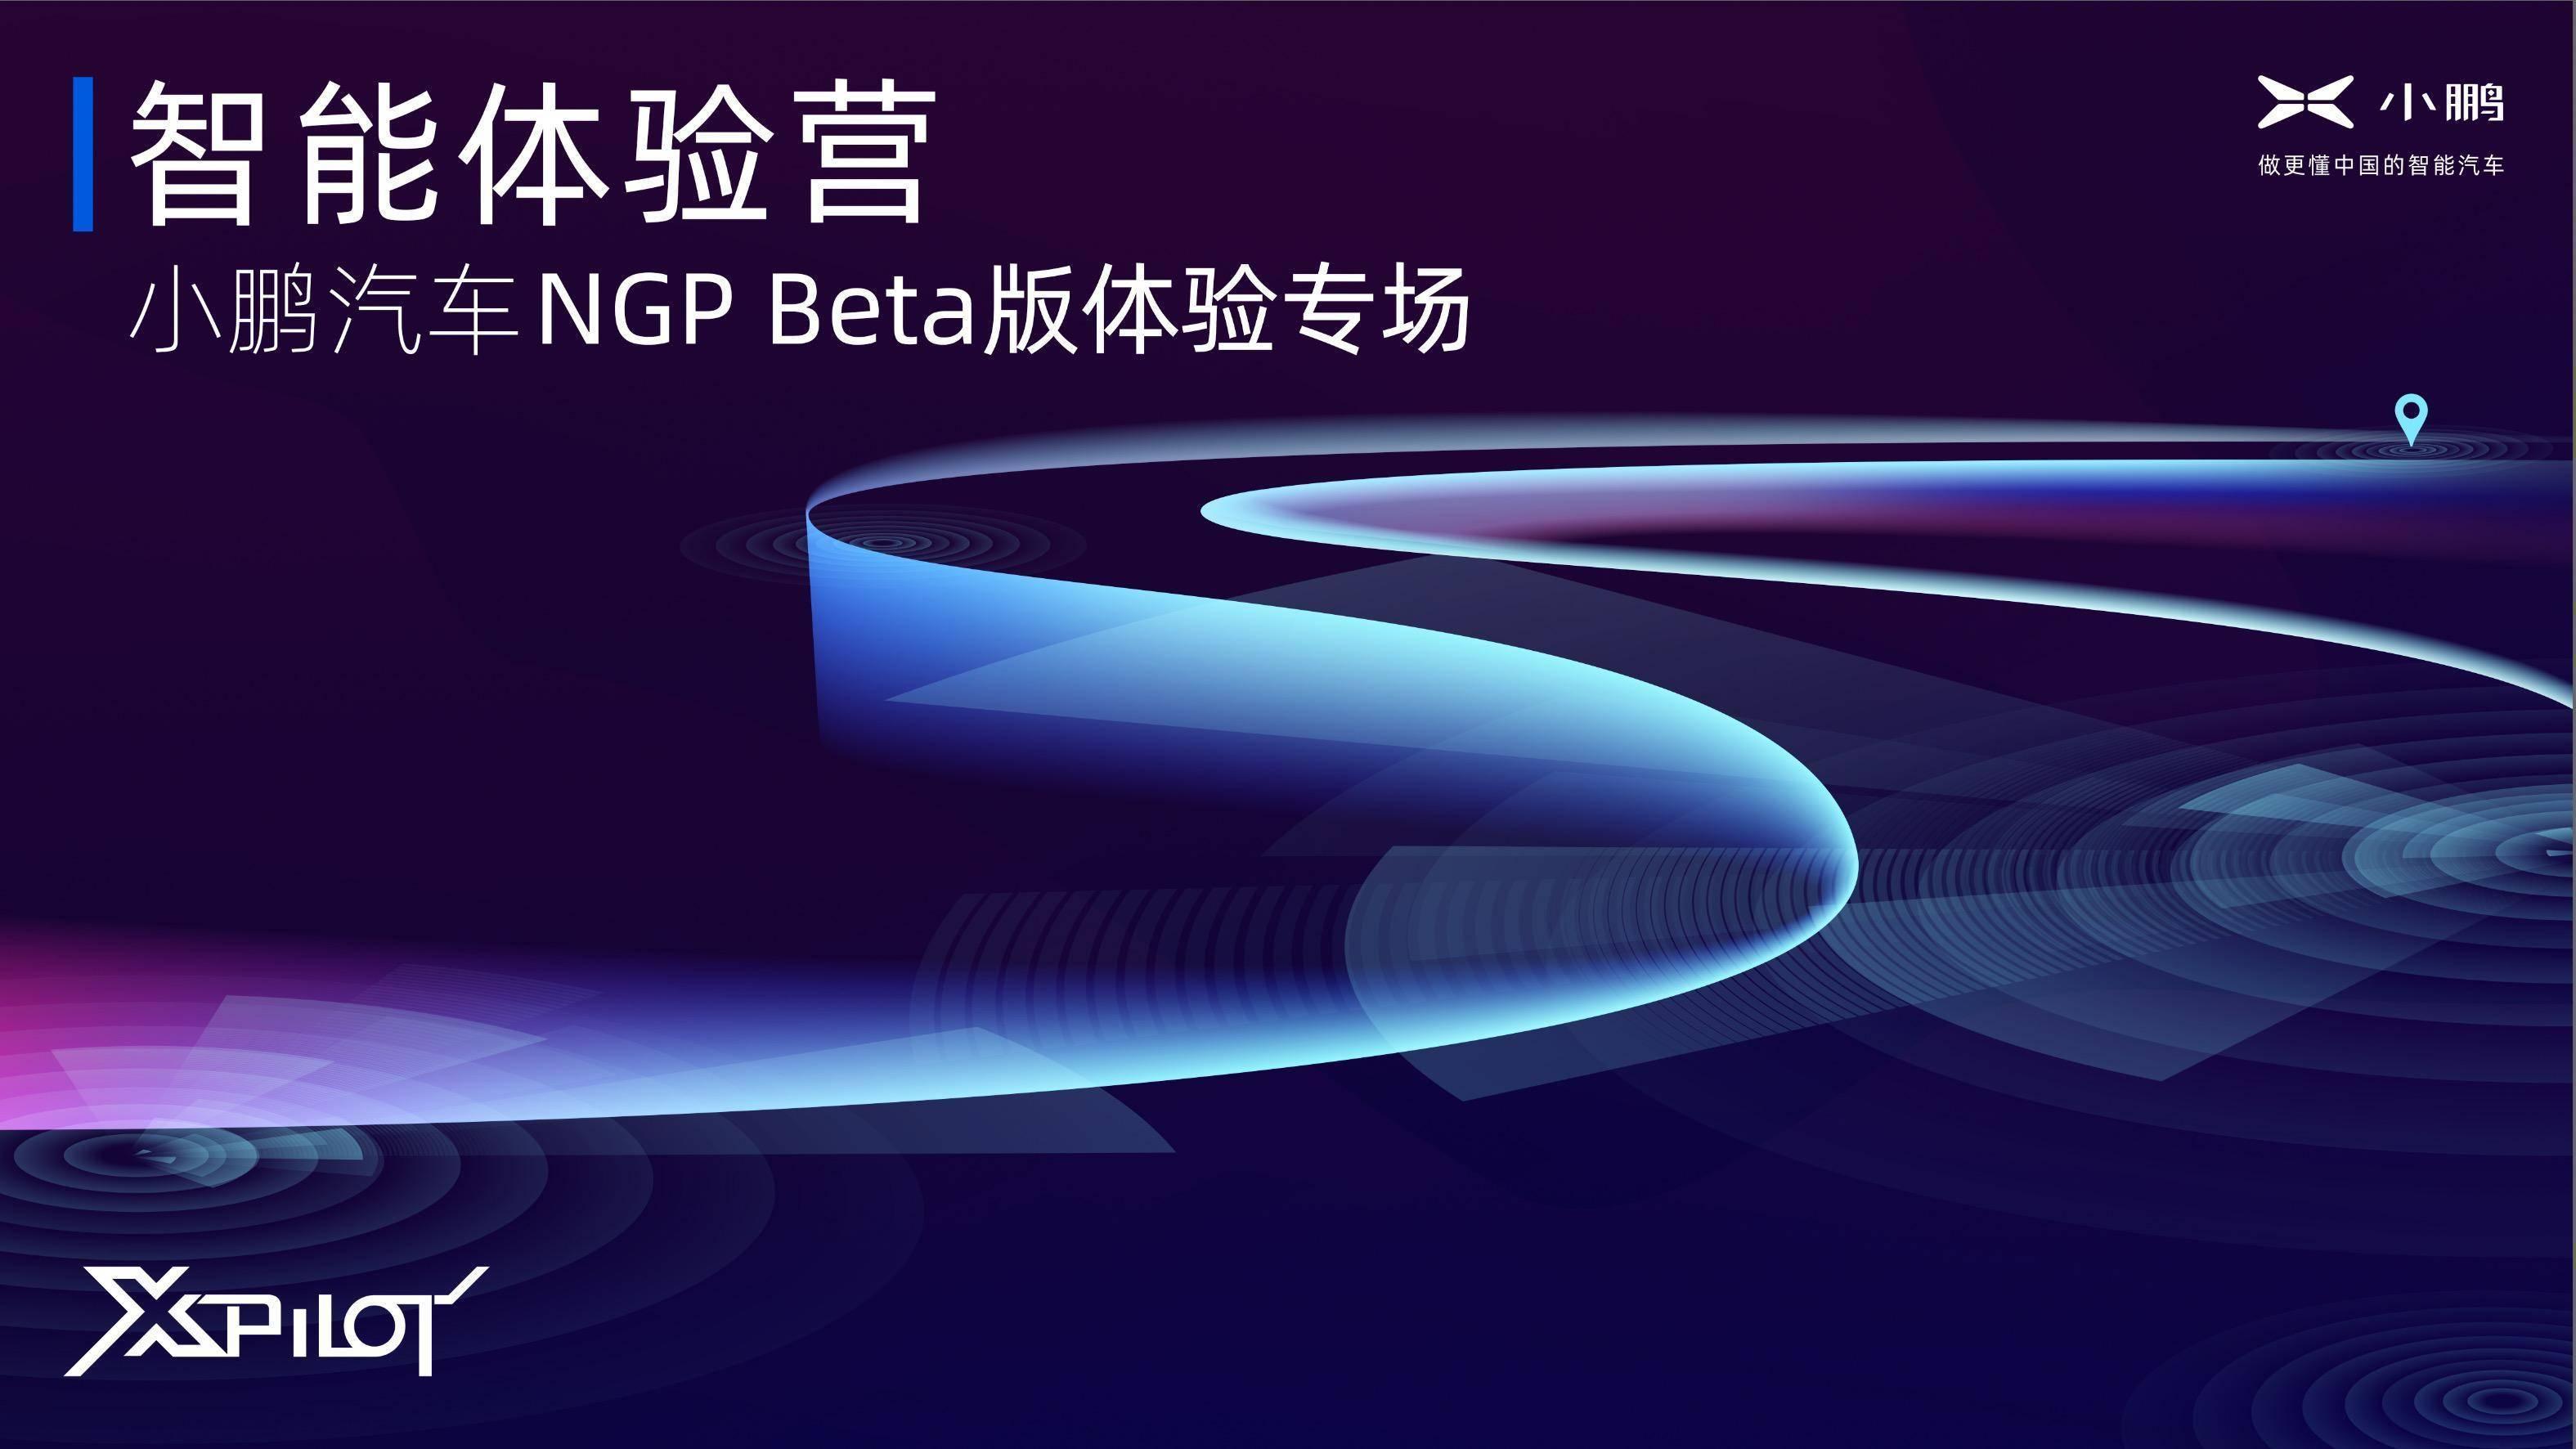 新智能抢先众测,小鹏汽车NGP Bate版体验营今日开营_自主导航